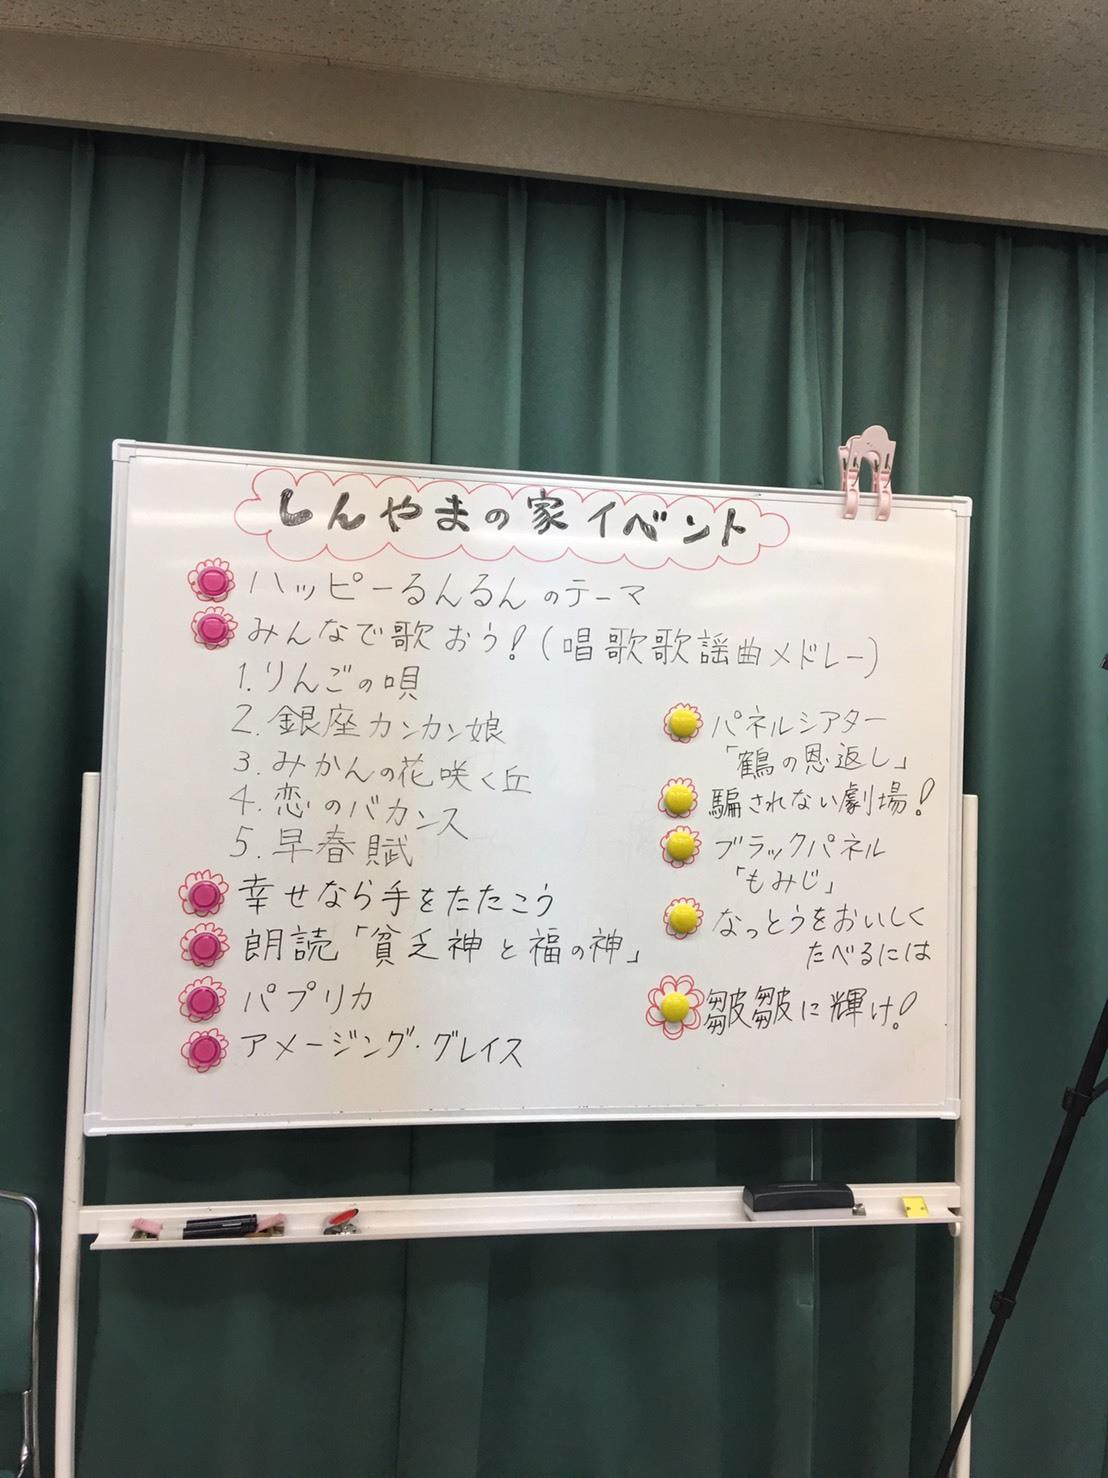 梅川さんの描くワタル達可愛い❤️_a0163623_12294887.jpg